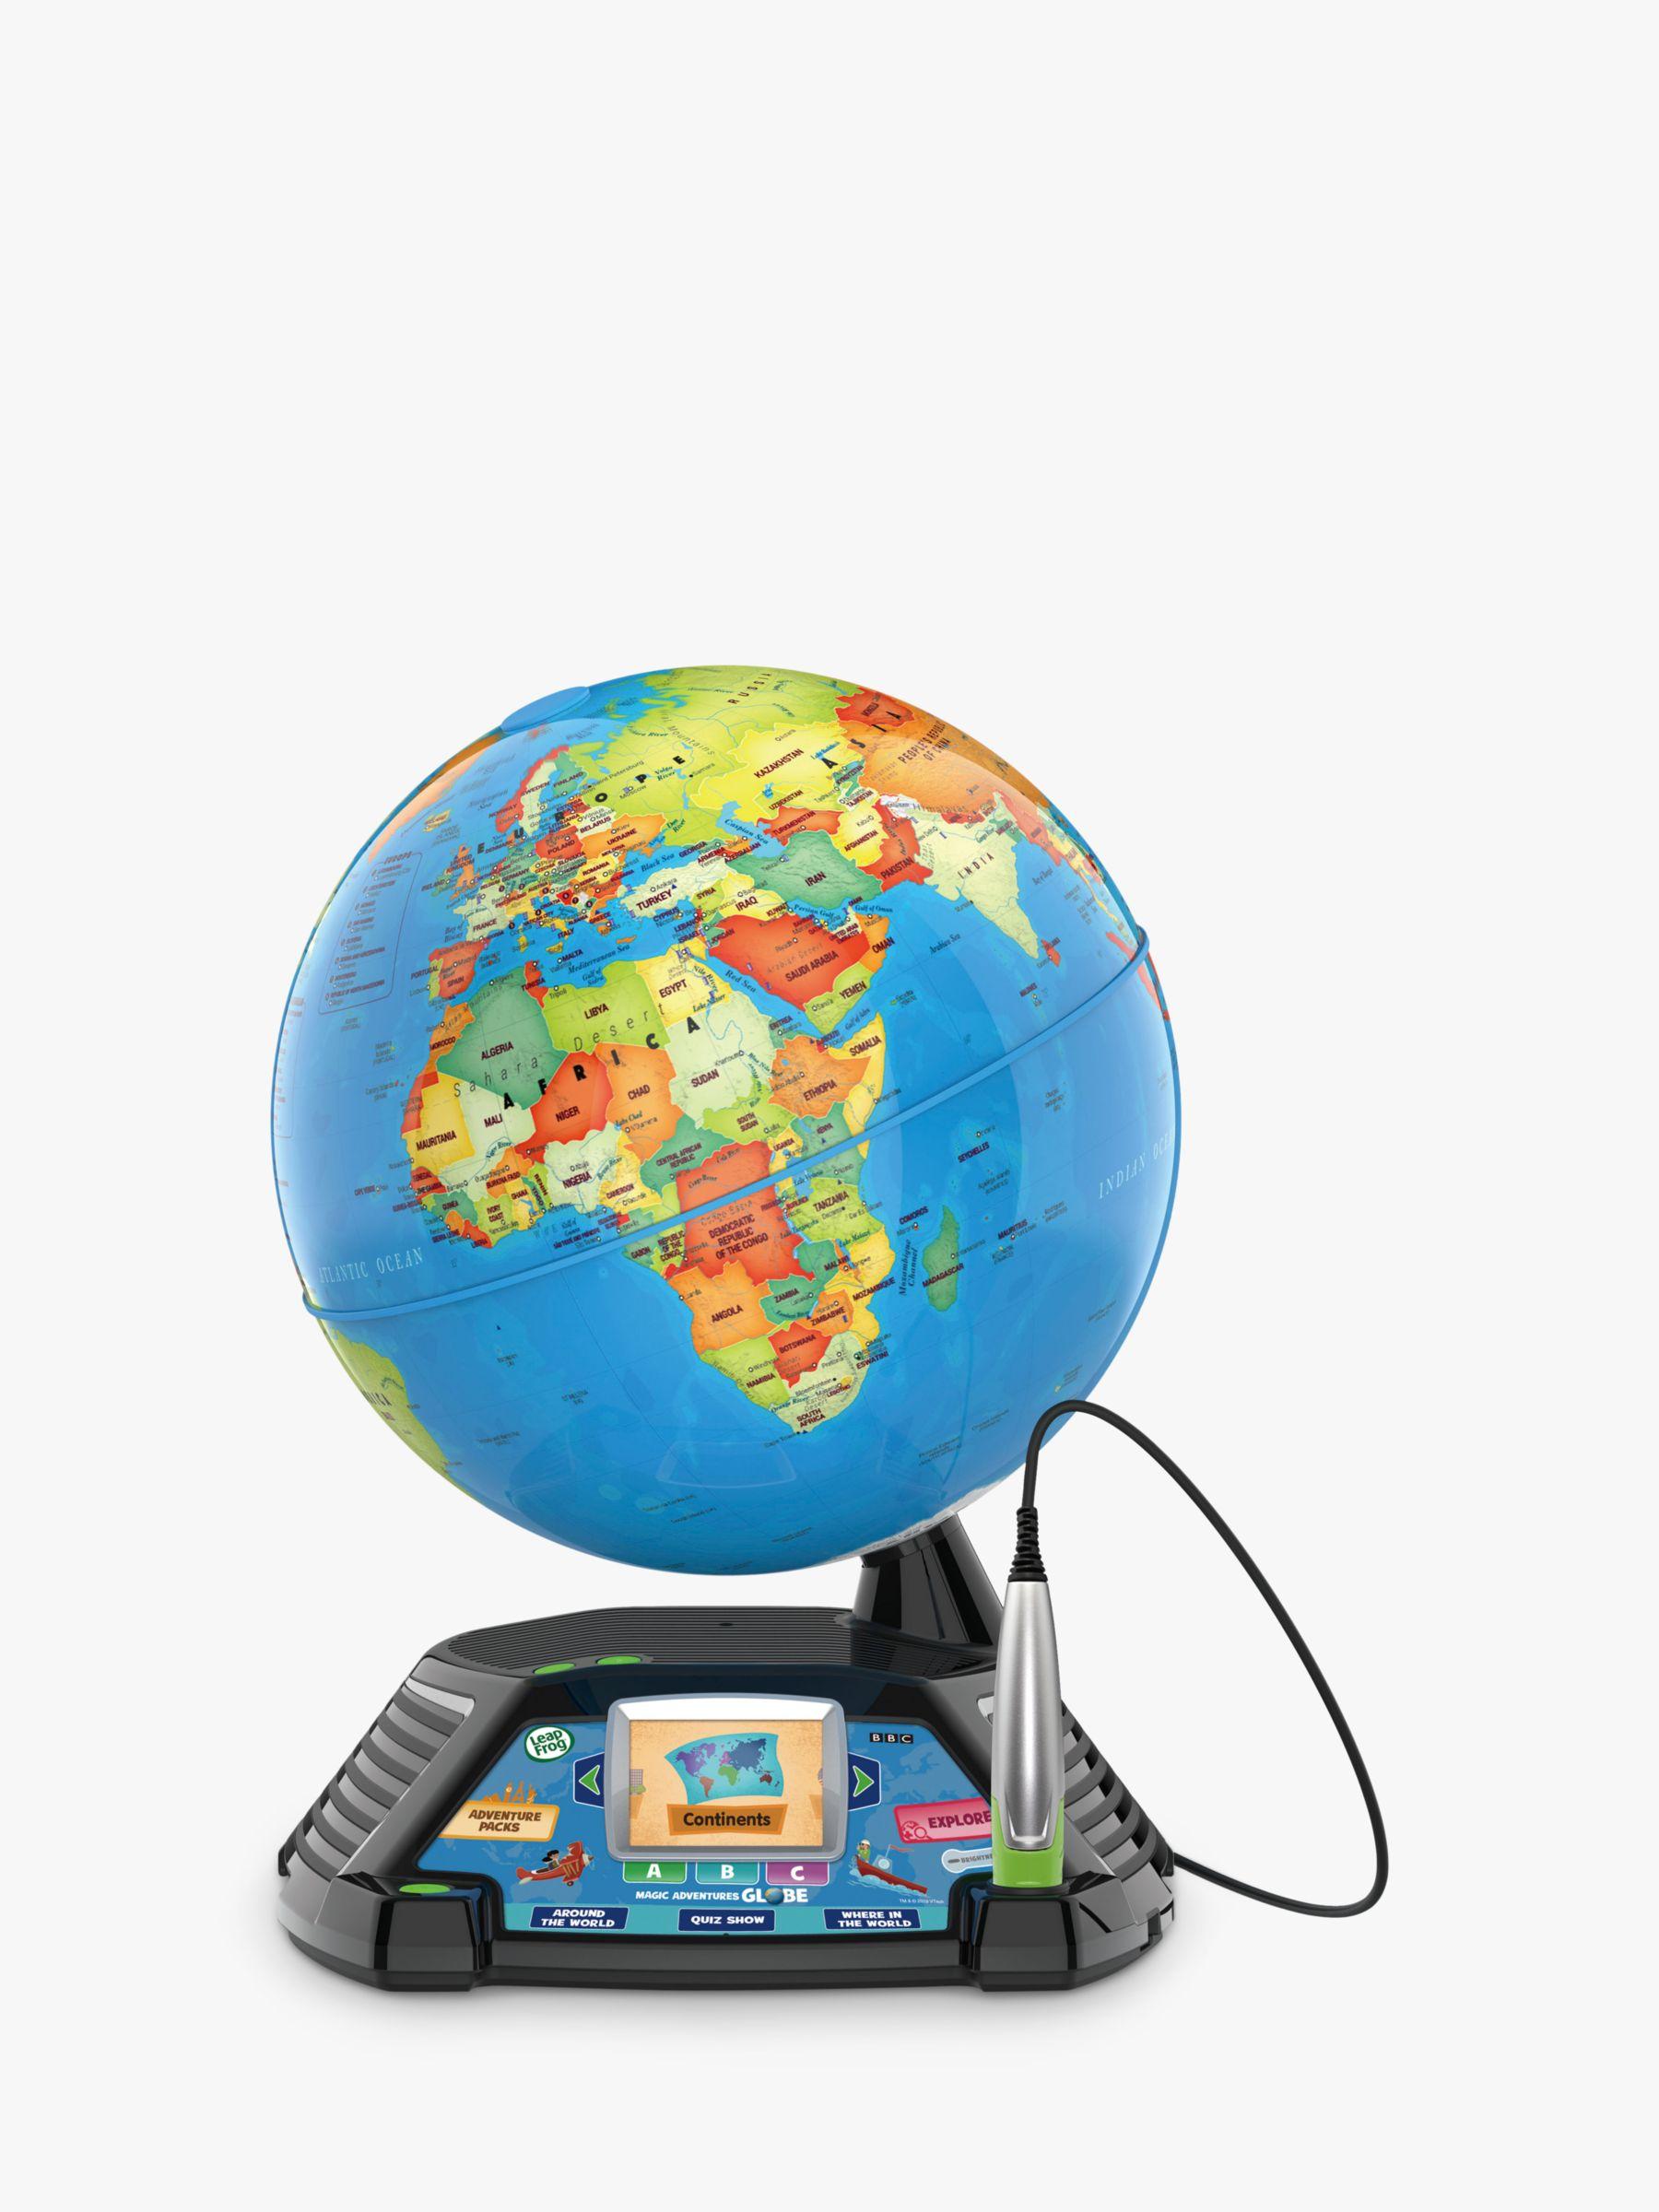 LeapFrog LeapFrog Magic Adventures Globe